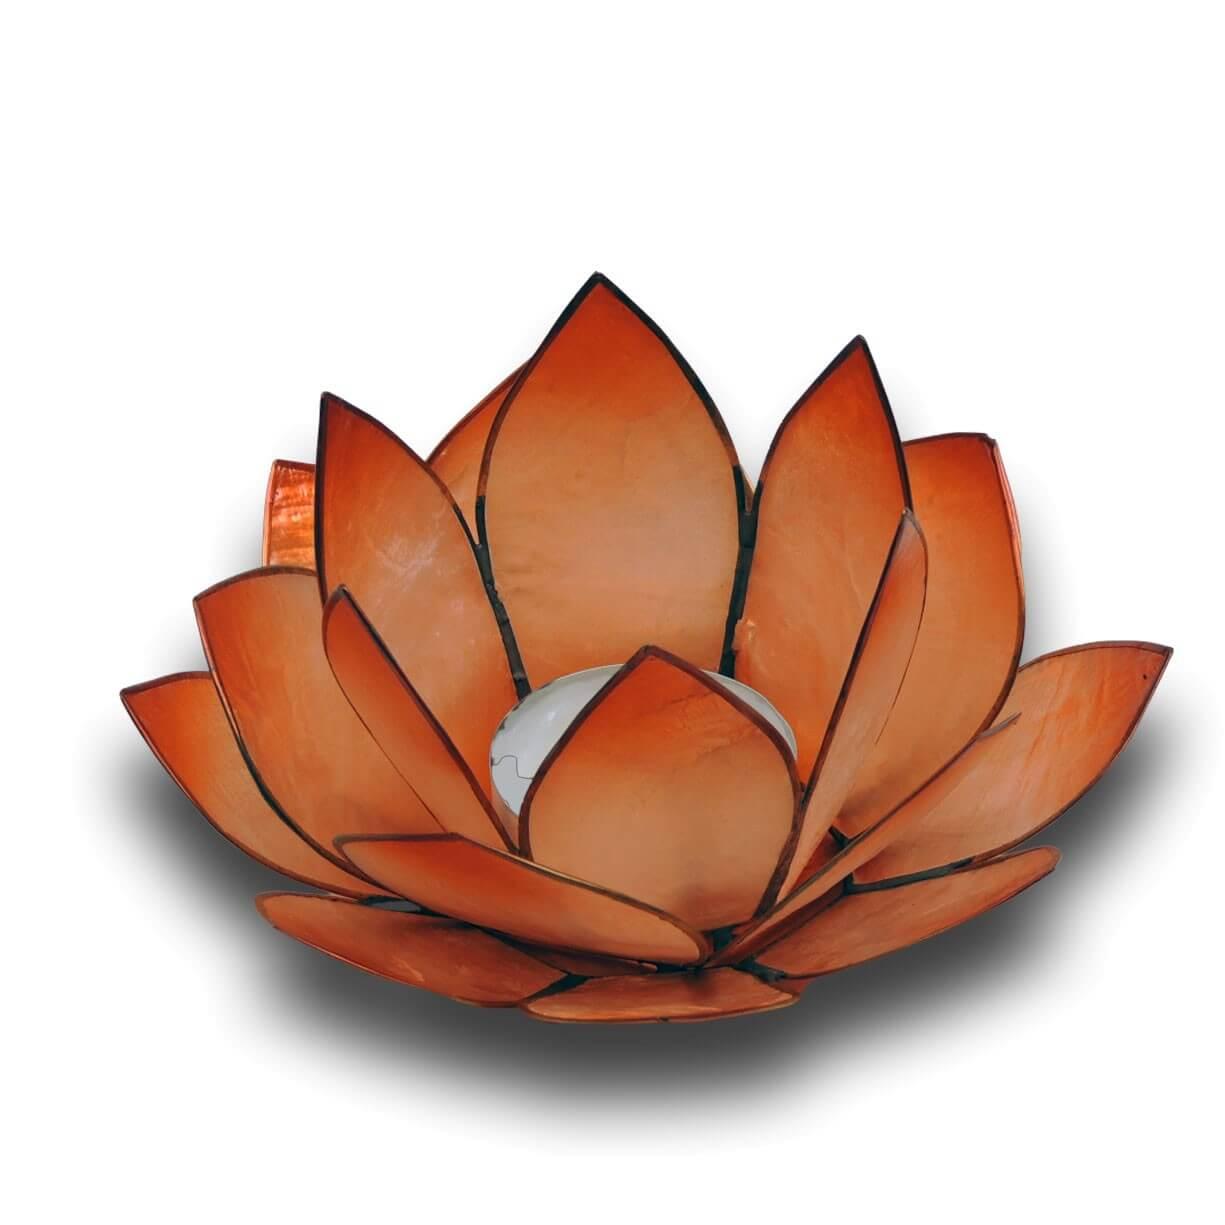 Windlicht Lotus mandarin - Capiz Muscheln - 13 x 5,5 cm - Handwerk